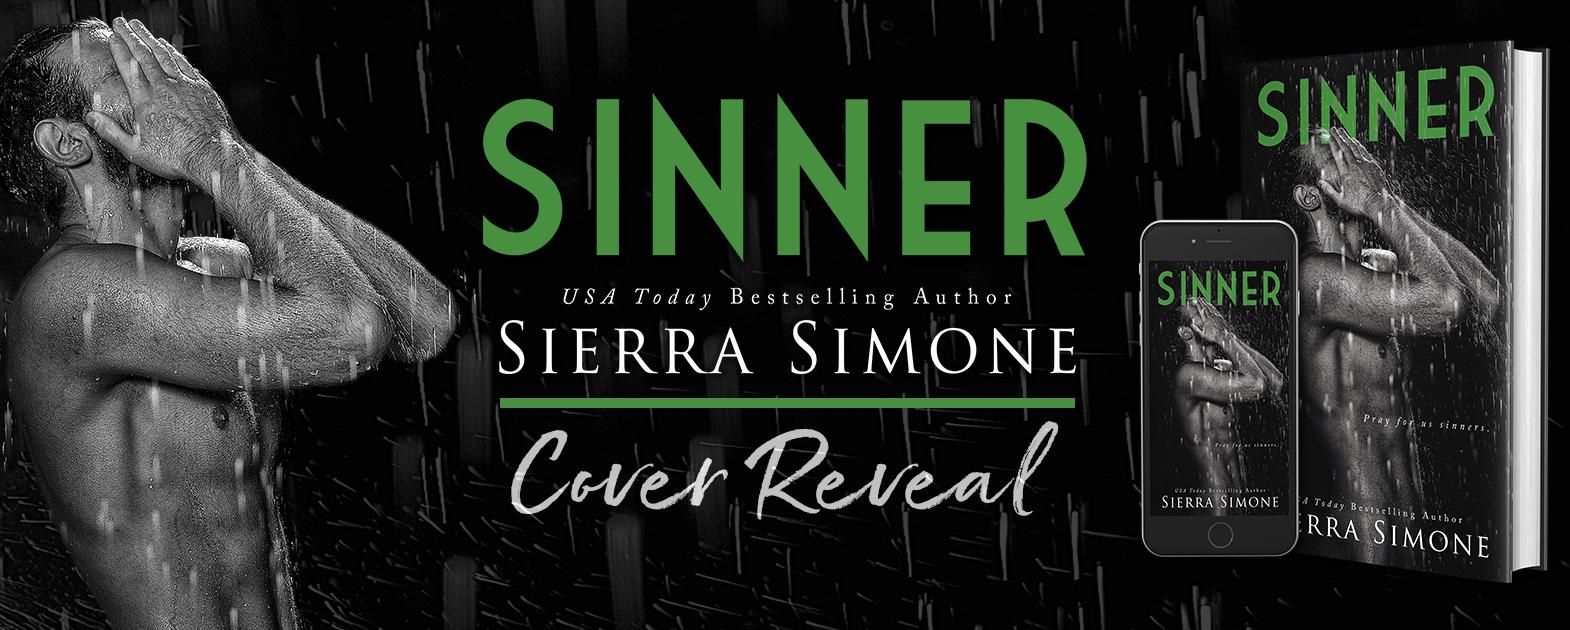 COVER REVEAL- SINNER by SIERRA SIMONE